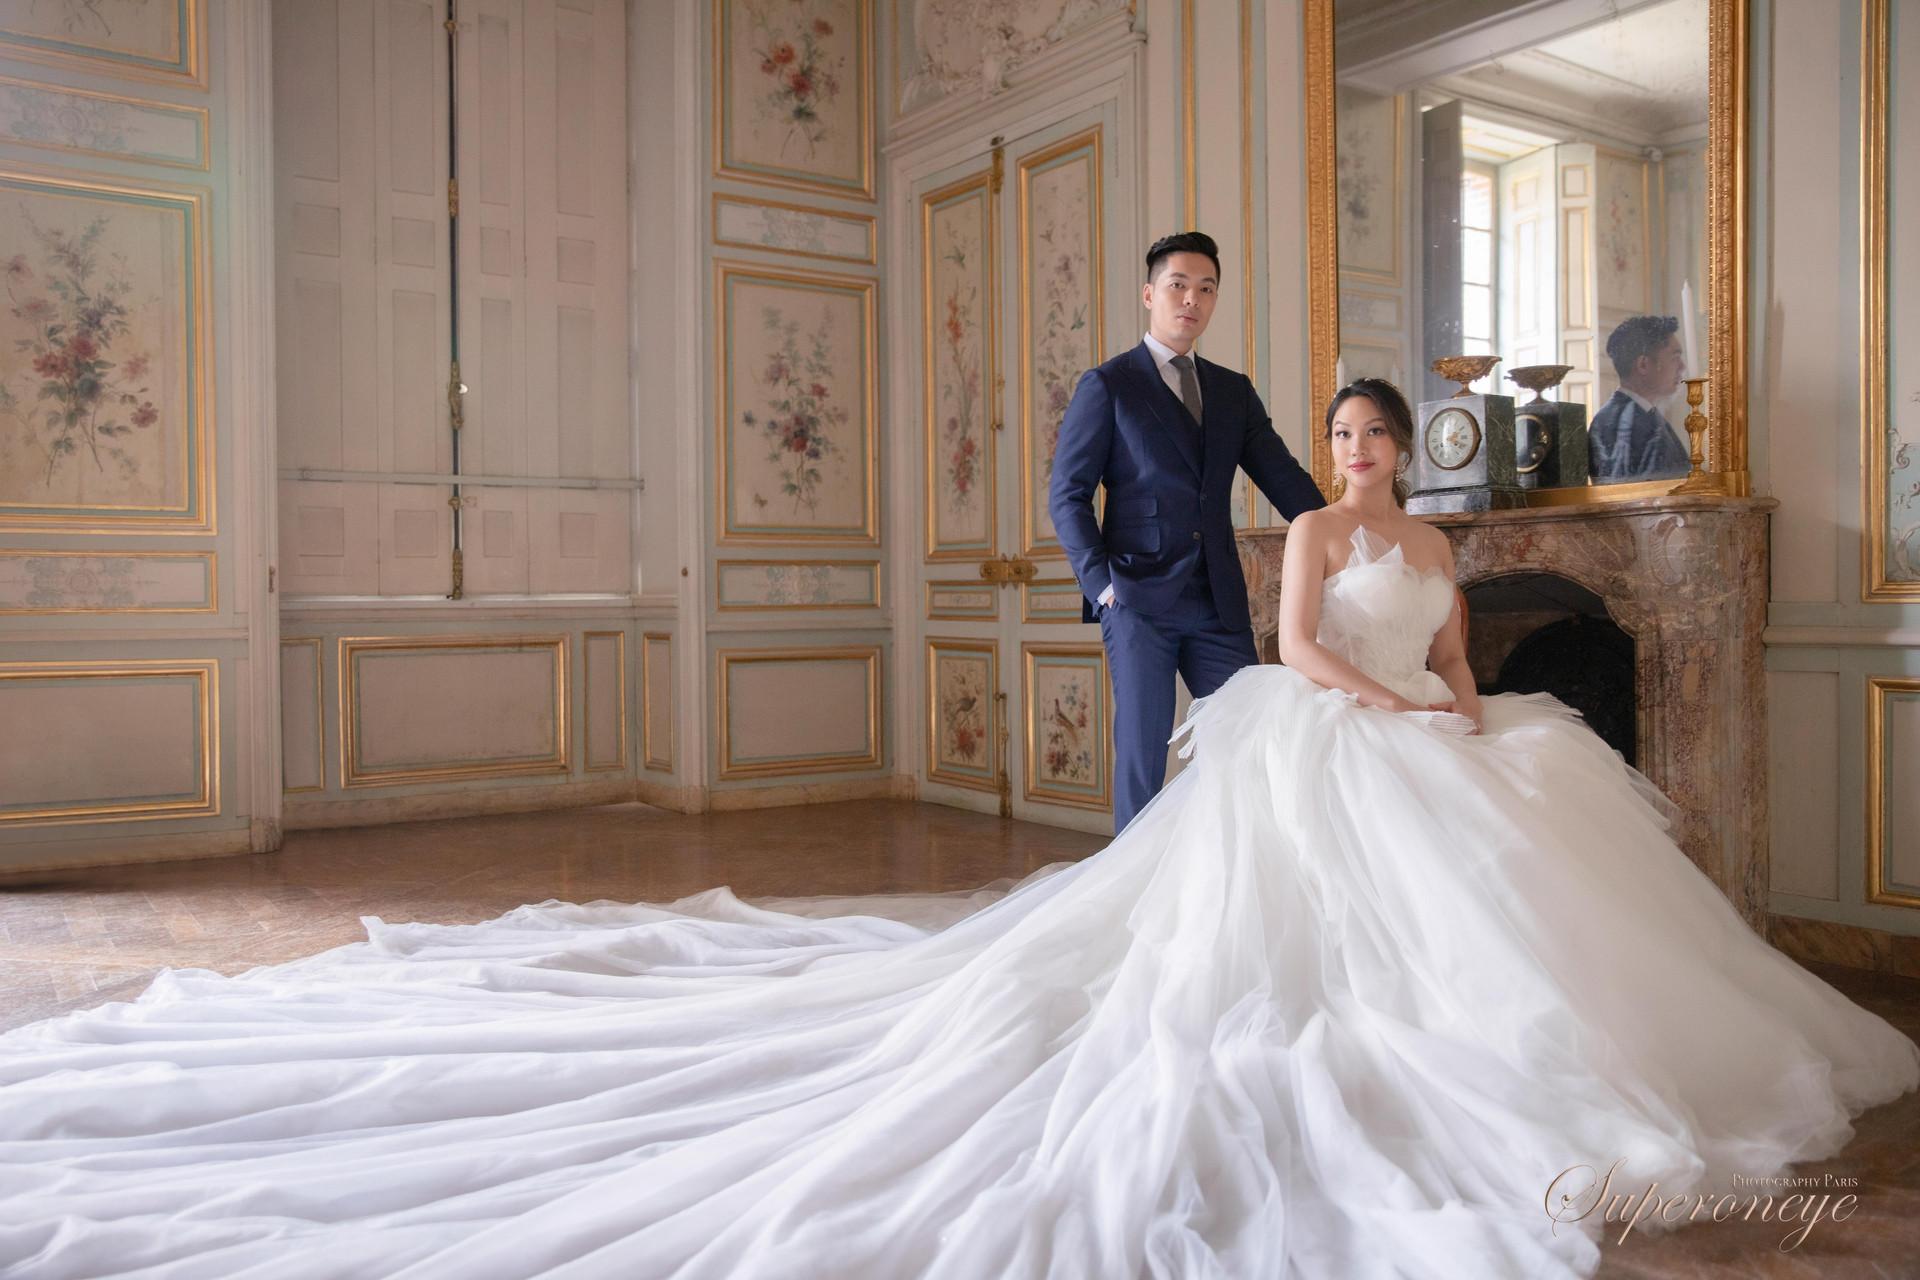 楓丹白露宮 - Paris prewedding